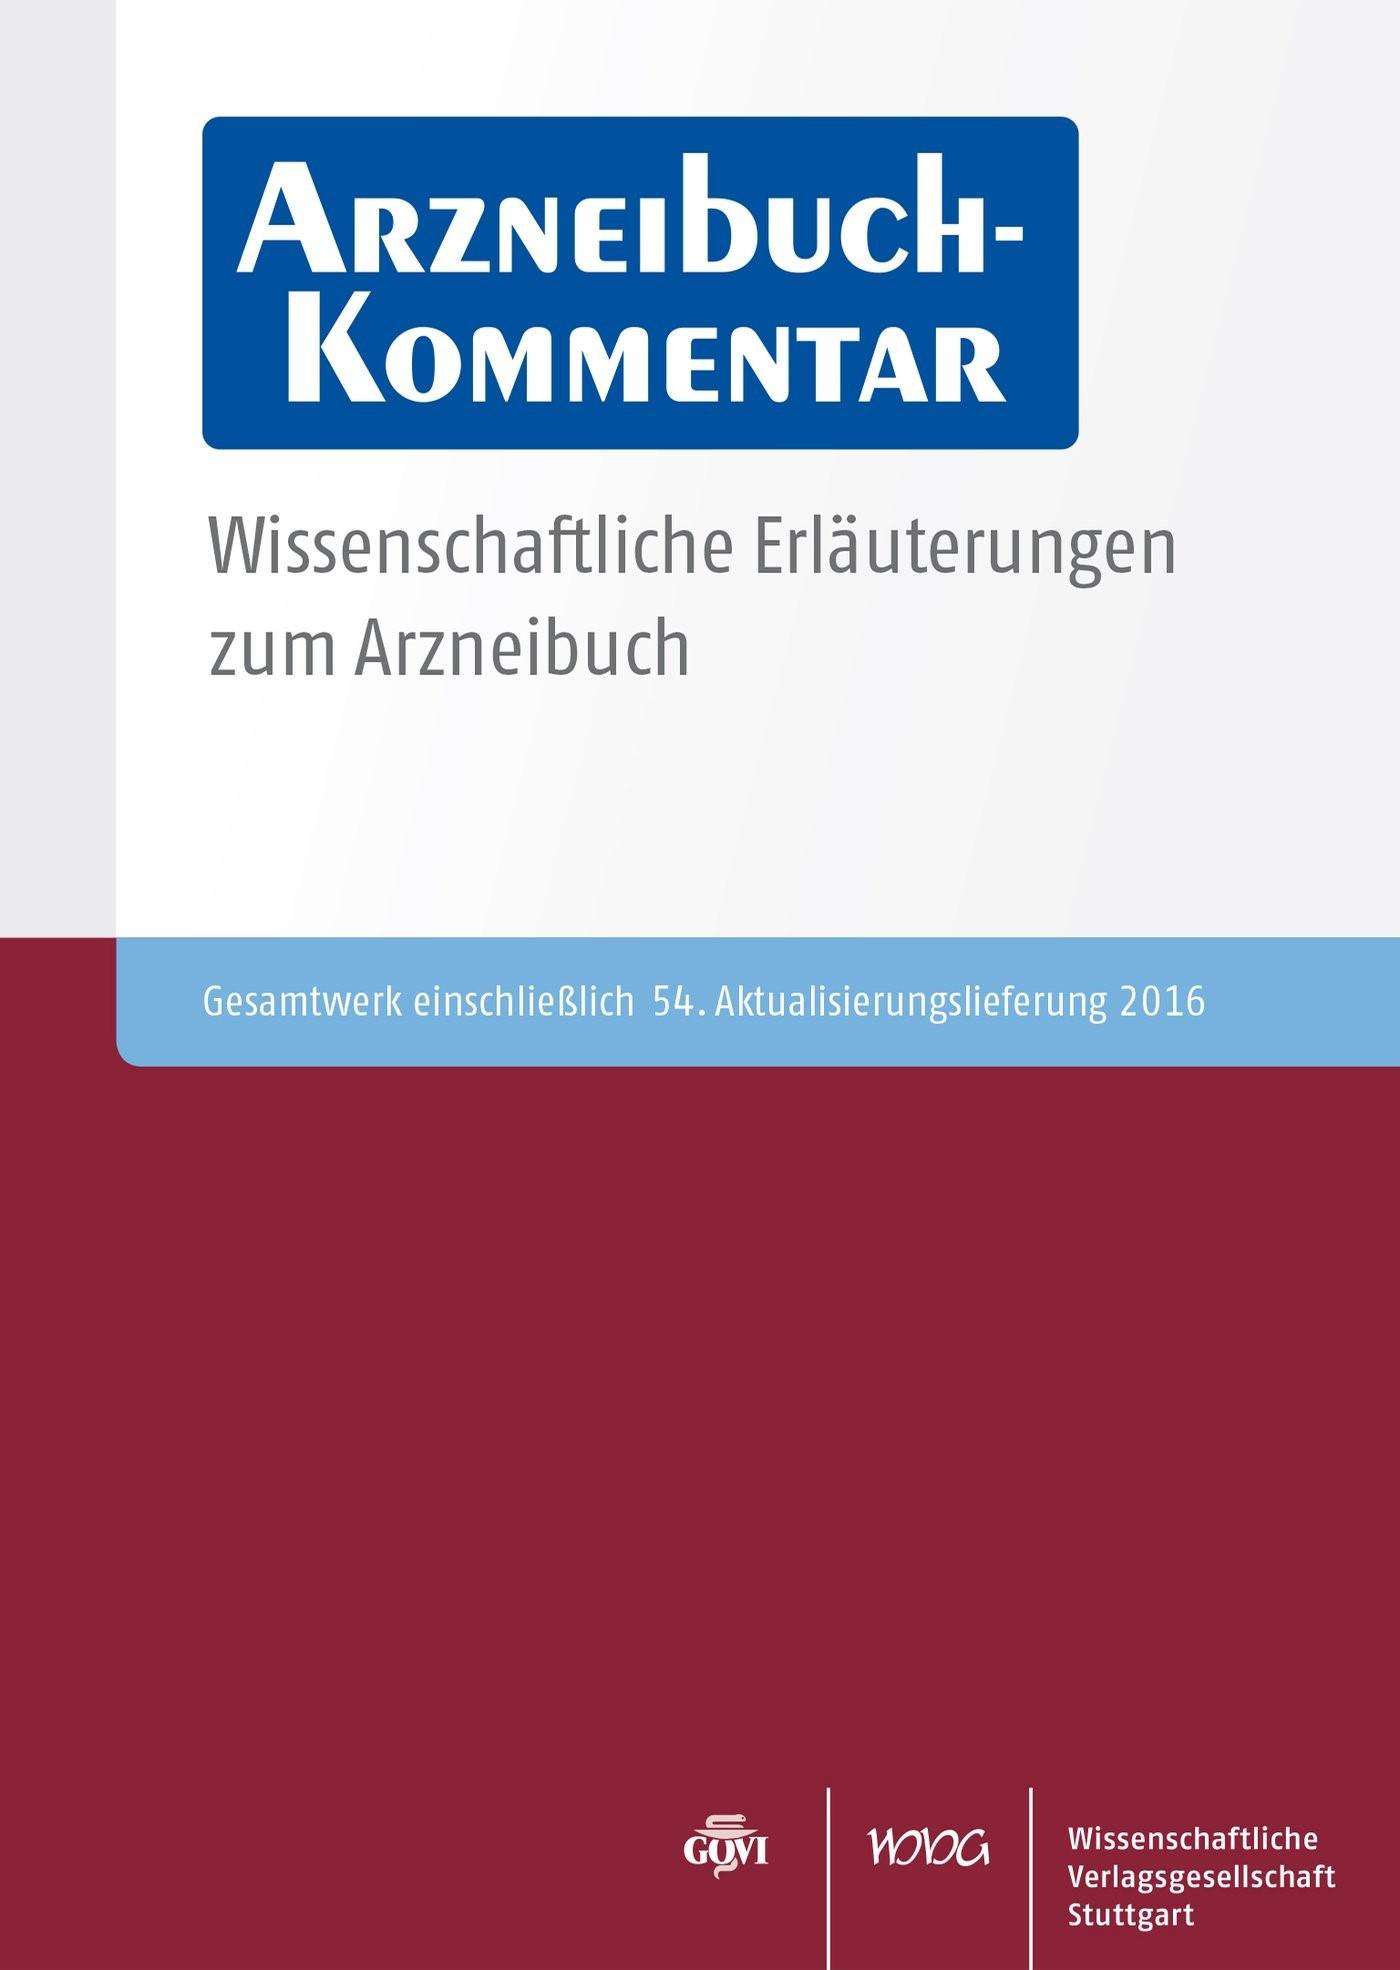 Arzneibuch-Kommentar CD-ROM VOL 54 | Bracher / Heisig / Langguth / Mutschler / Rücker / Schirmeister / Scriba / Stahl-Biskup / Troschütz, 2016 (Cover)